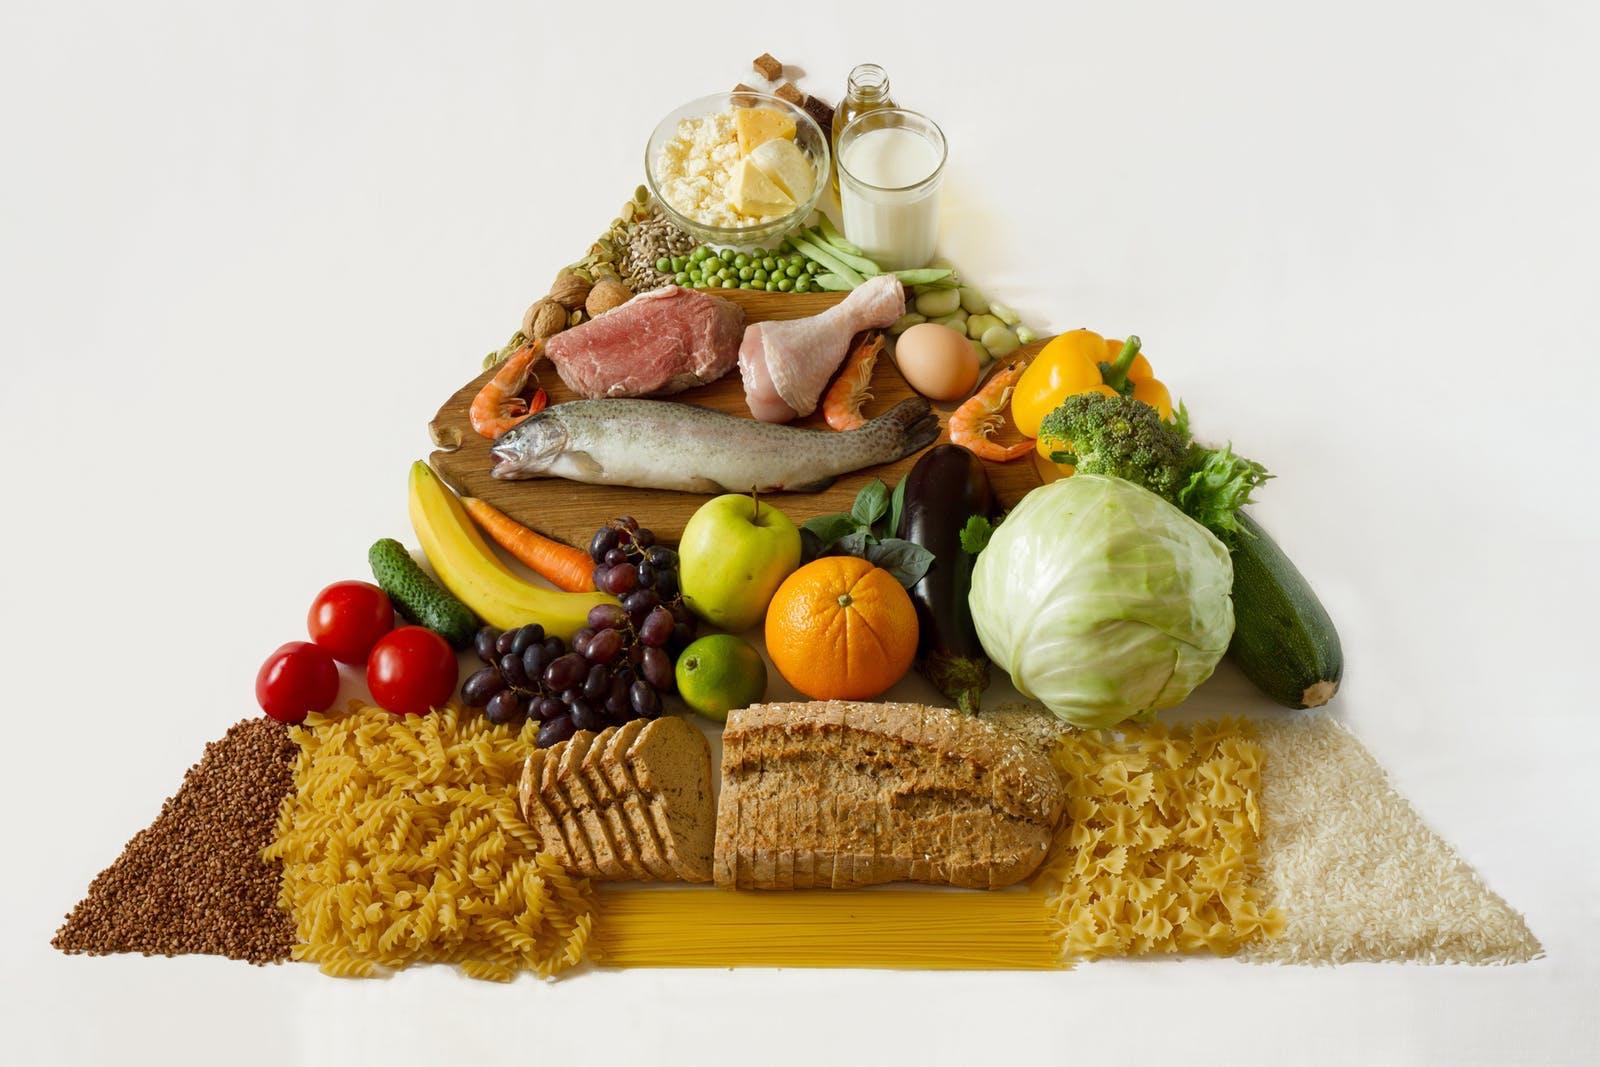 la terapia nutricional para la diabetes se basa en un cuestionario